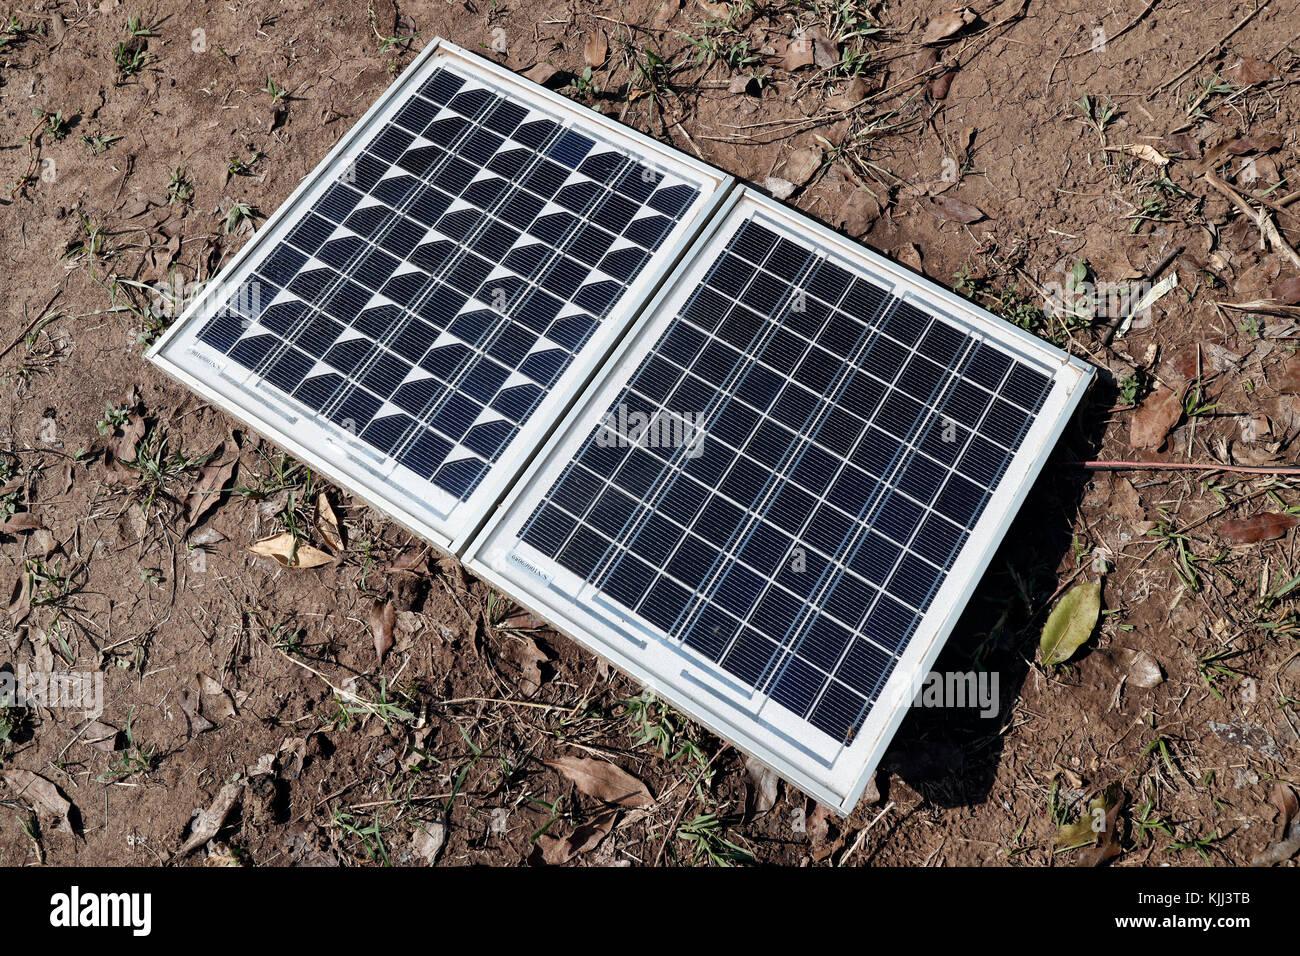 Solar Panel verwendet als alternative Energiequelle zu einem Safari Camp. Masai Mara Game Reserve. Kenia. Stockbild